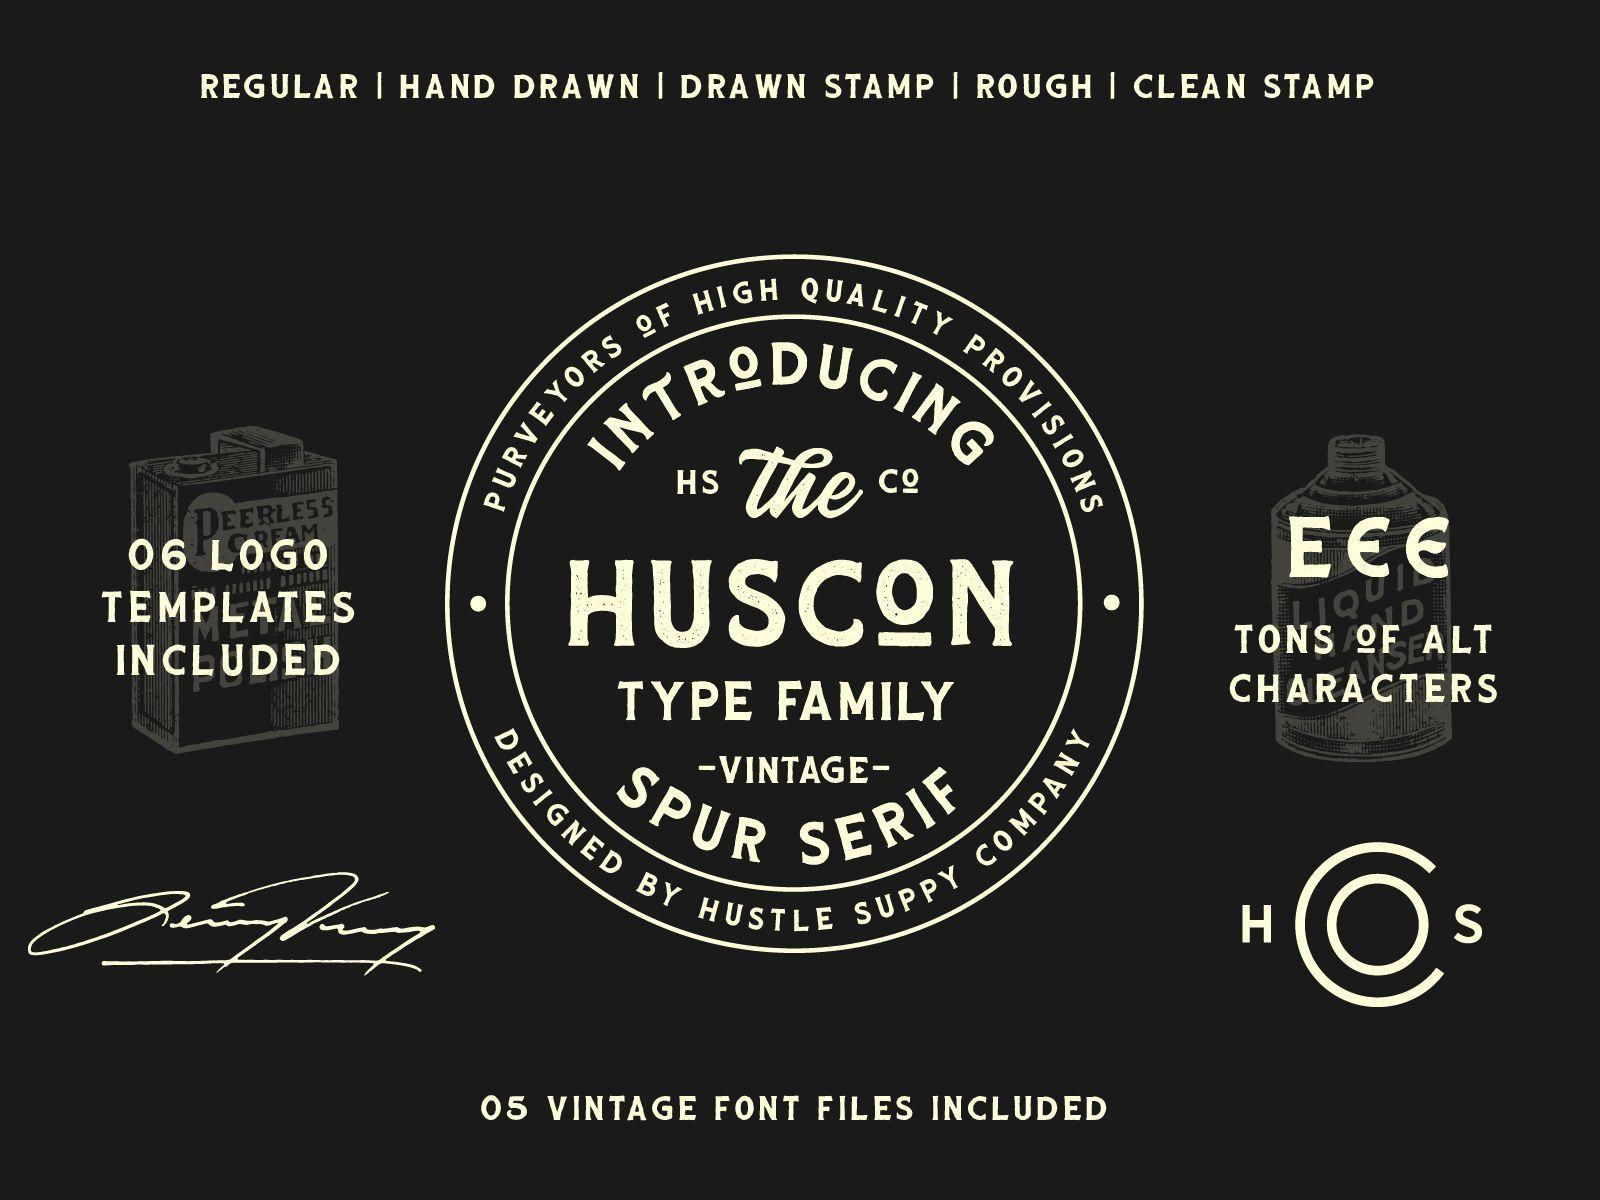 Huscon A Vintage Spur Serif Typeface Typeface Serif Typeface Vintage Fonts